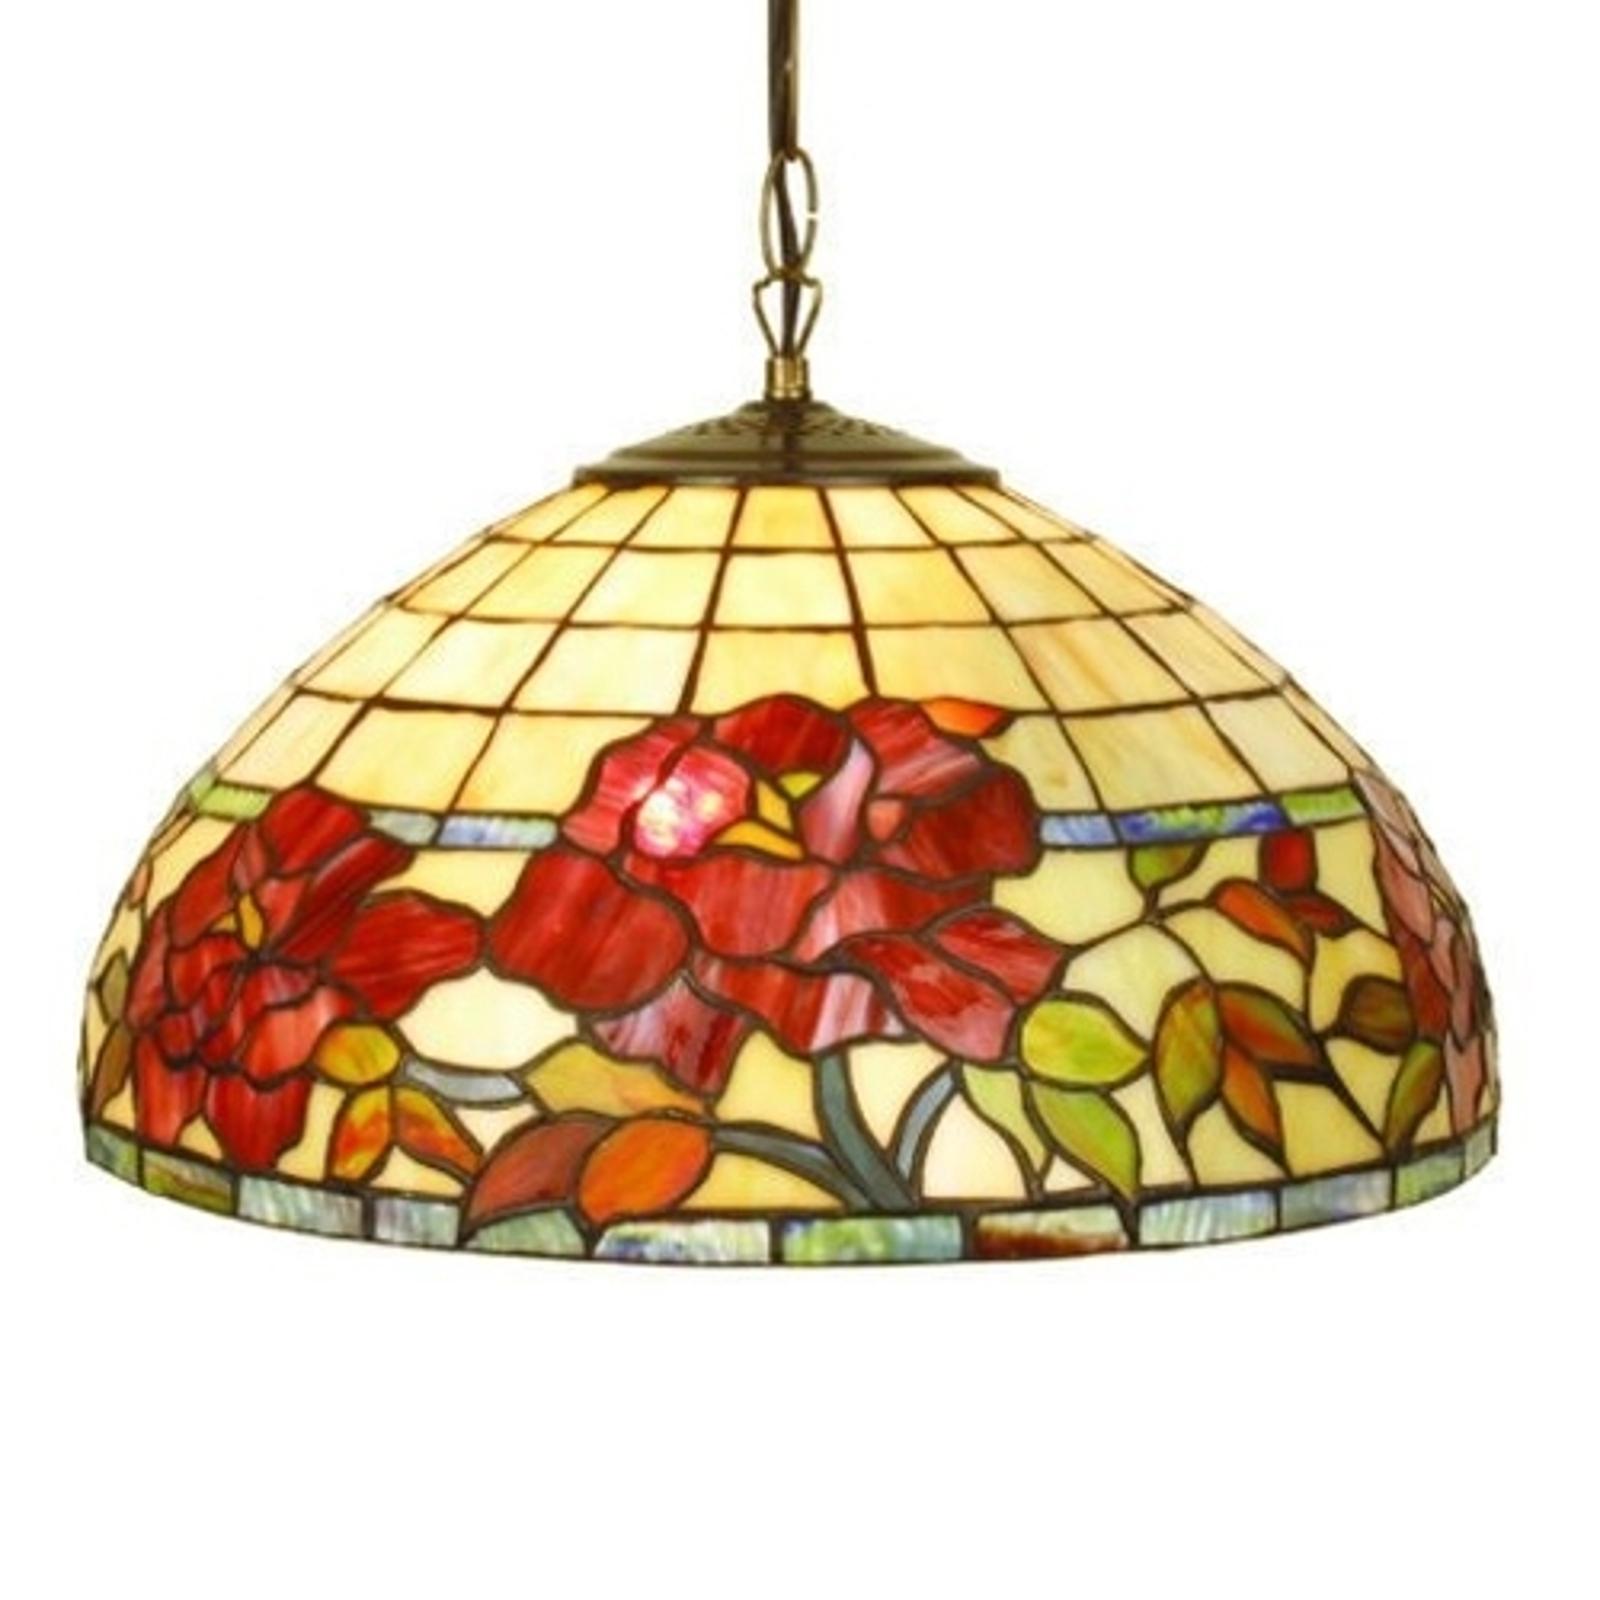 ESMEE umelecká závesná lampa, 2xE27_1032173_1